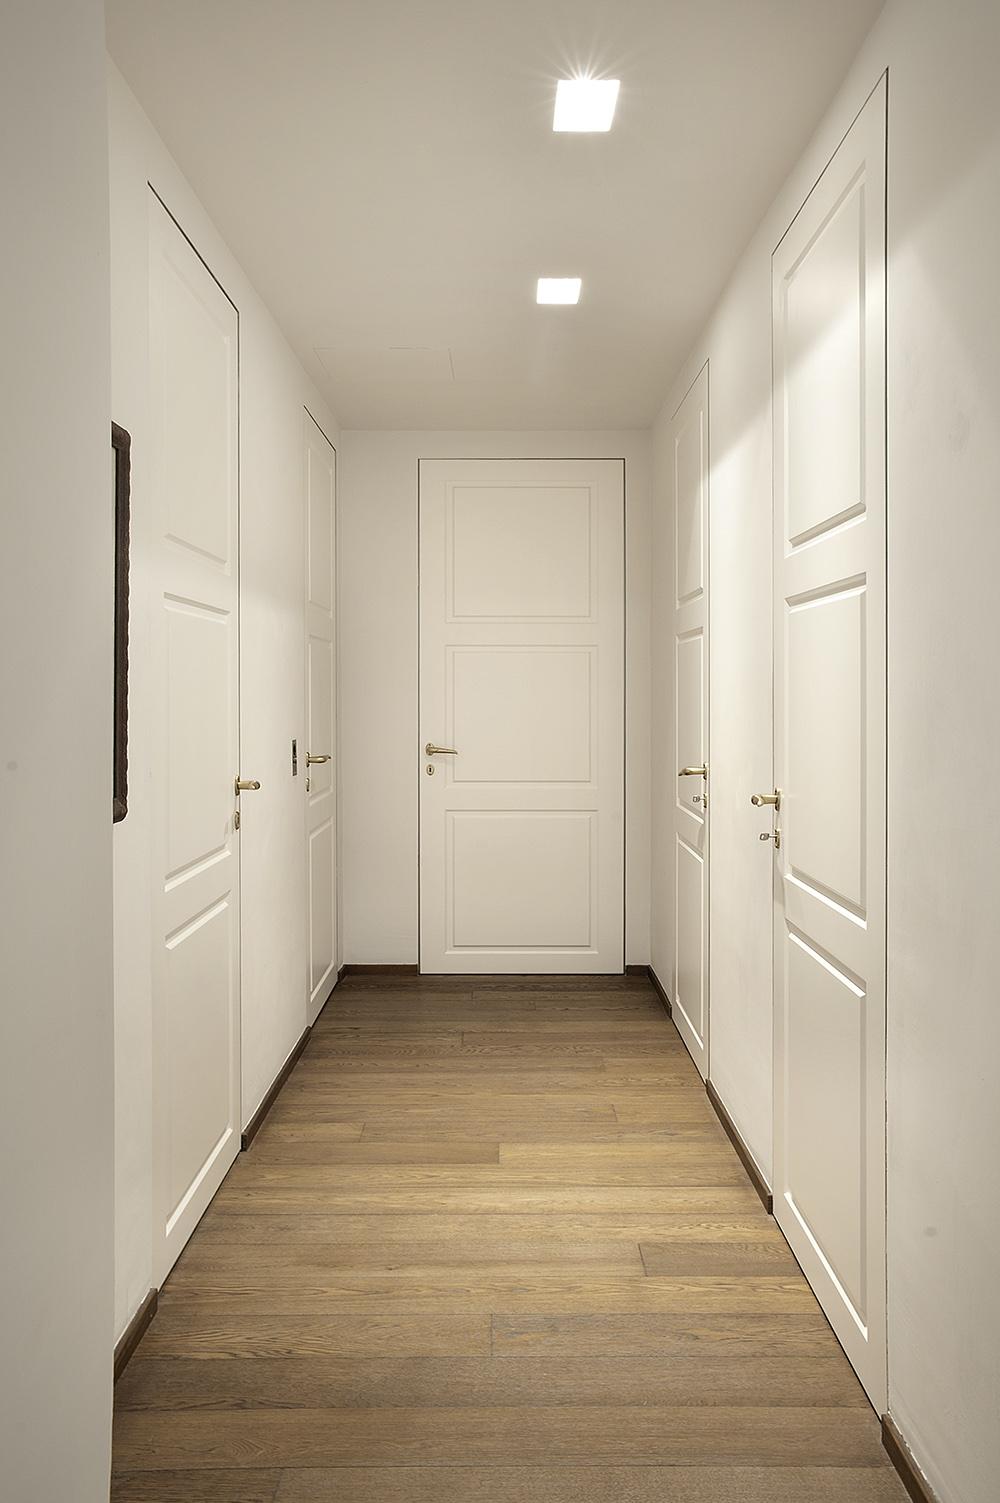 Appartamento a firenze porte scorrevoli e battenti per arredamento moderno e contemporaneo - Specchio arredo casa ...